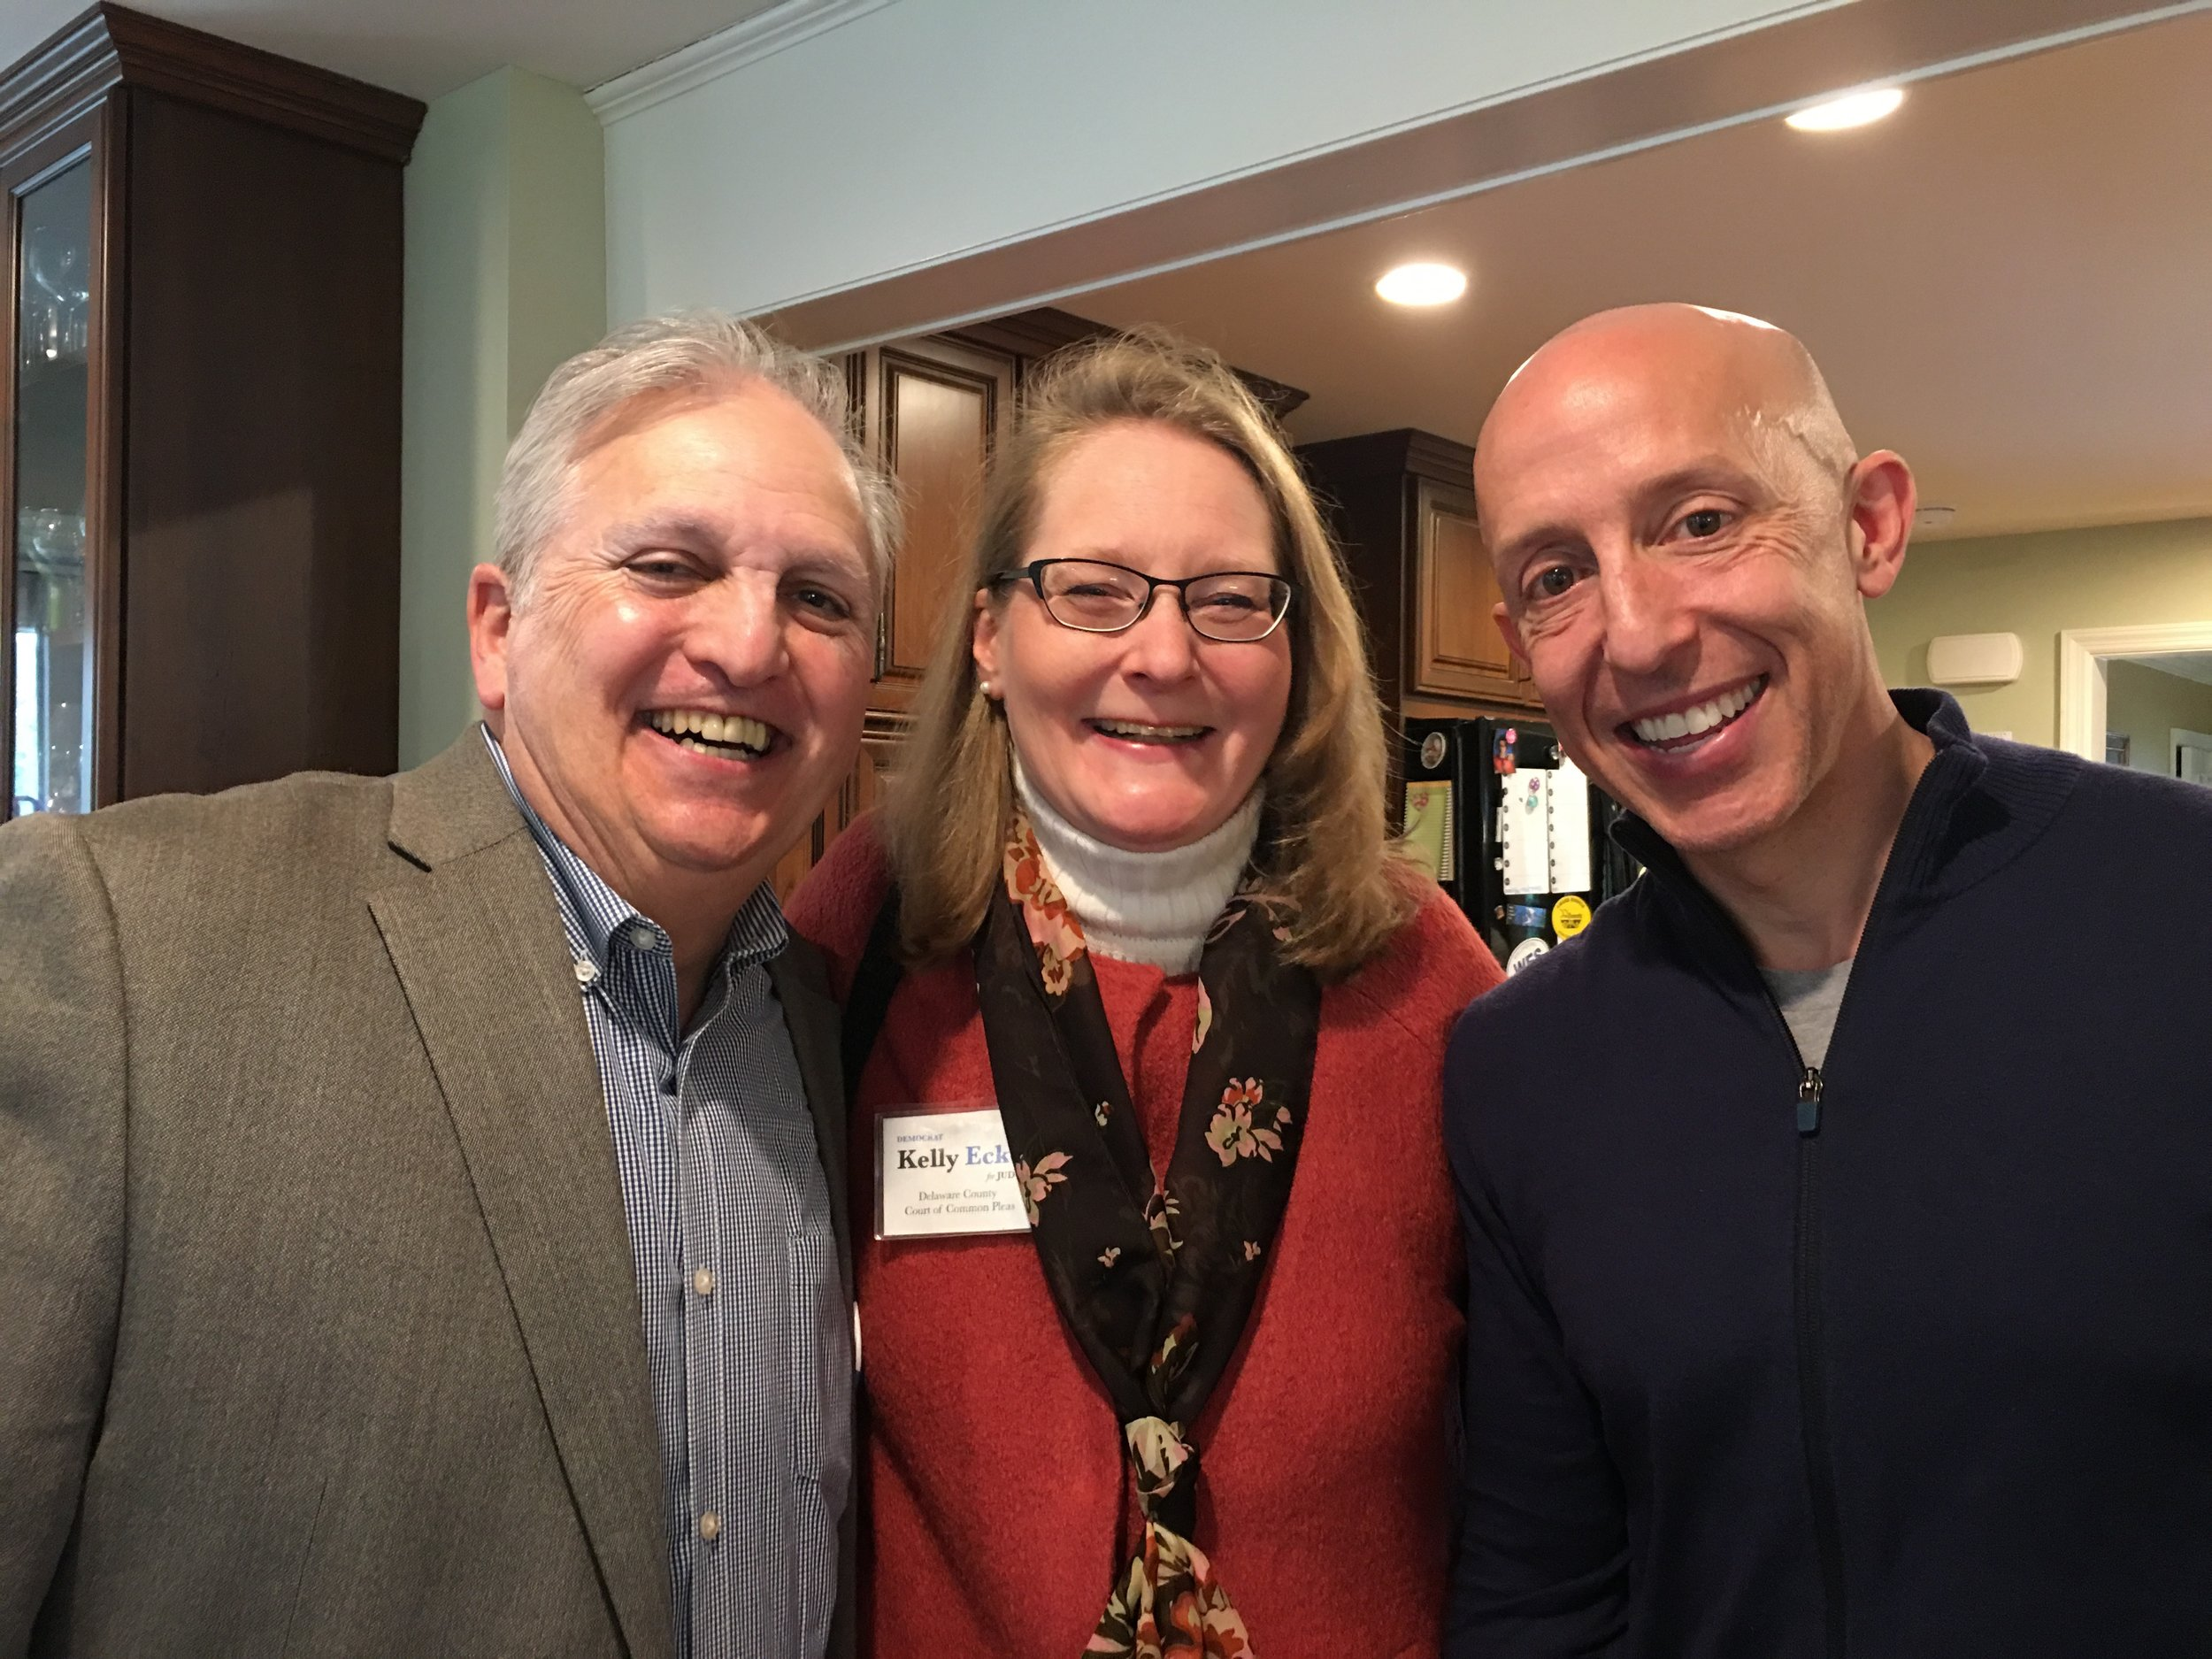 Rick, Kelly and Brian.jpg